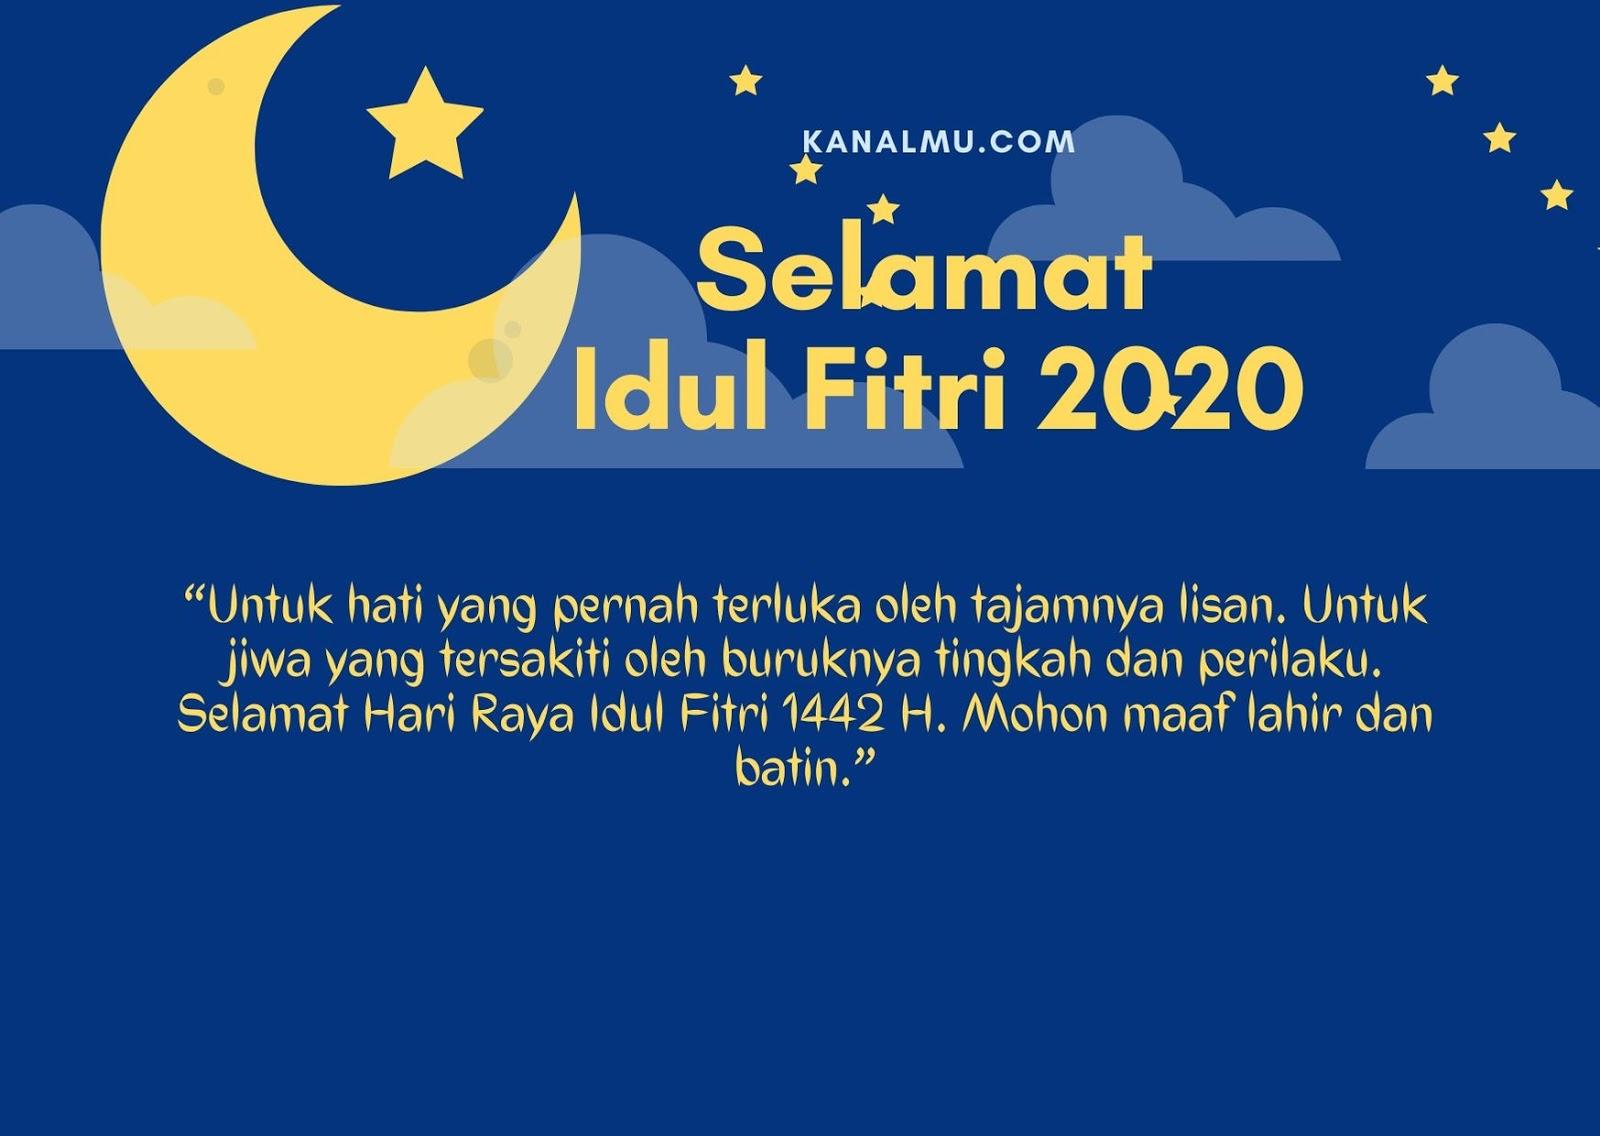 Gambar : Kartu Ucapan Kata- Kata Idul Fitri 2020 Tahun 1442 H